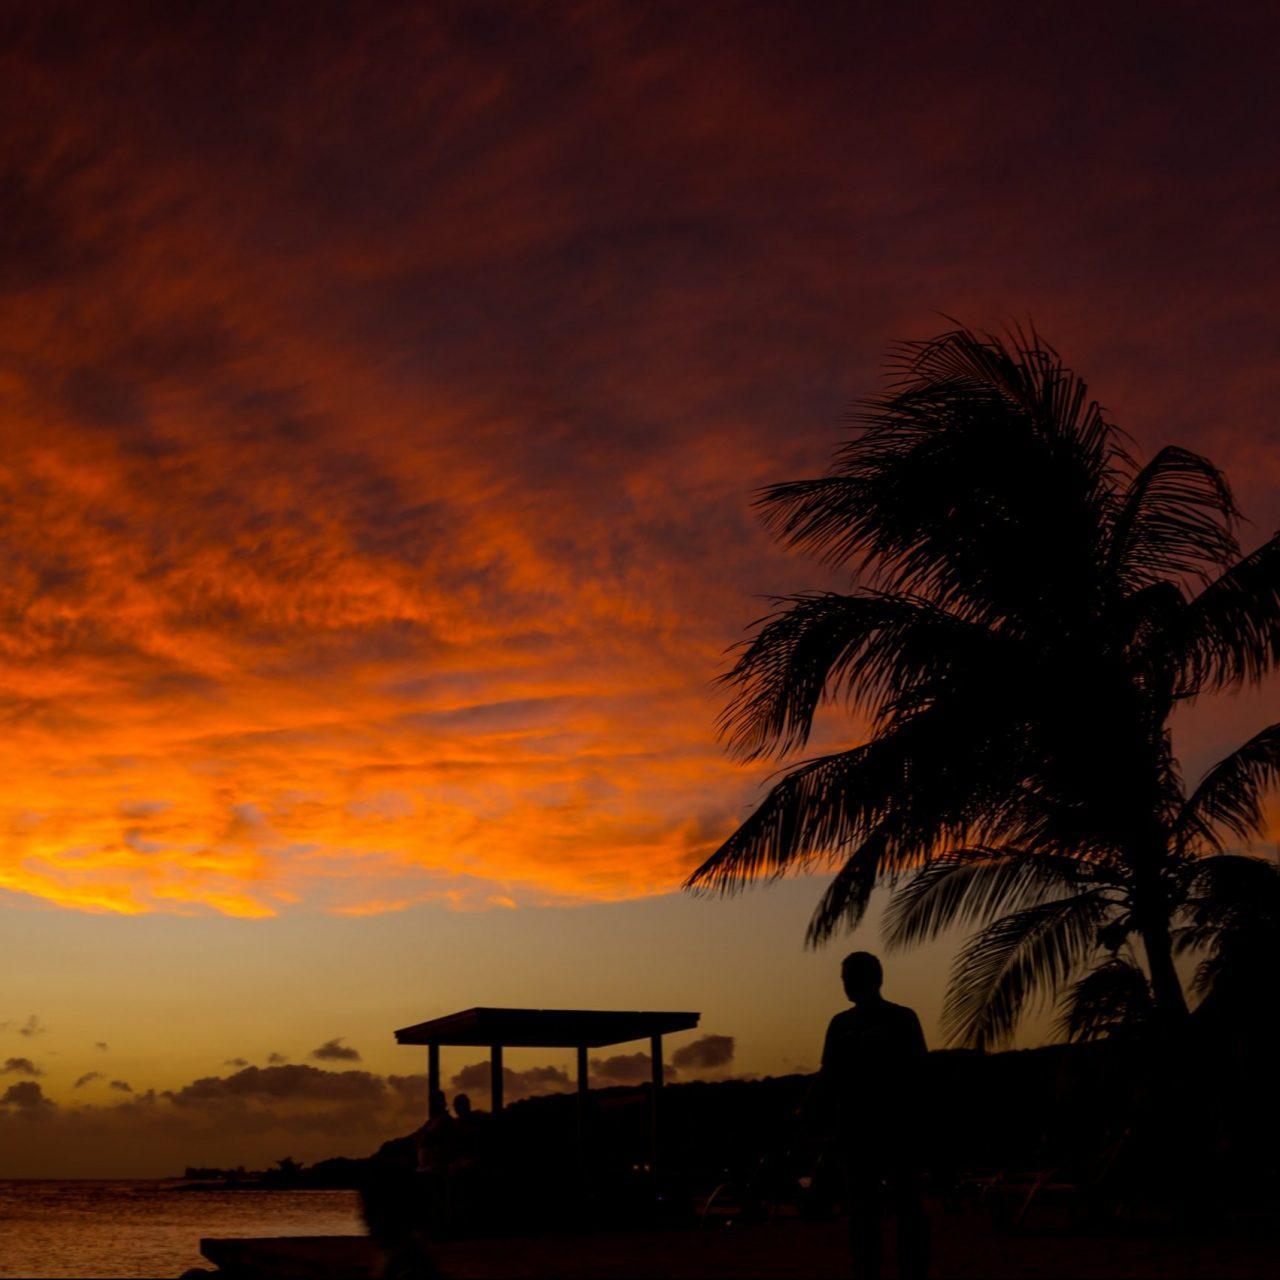 Karibialainen ranta ja henkilö silhuetteinä auringonlaskua vasten